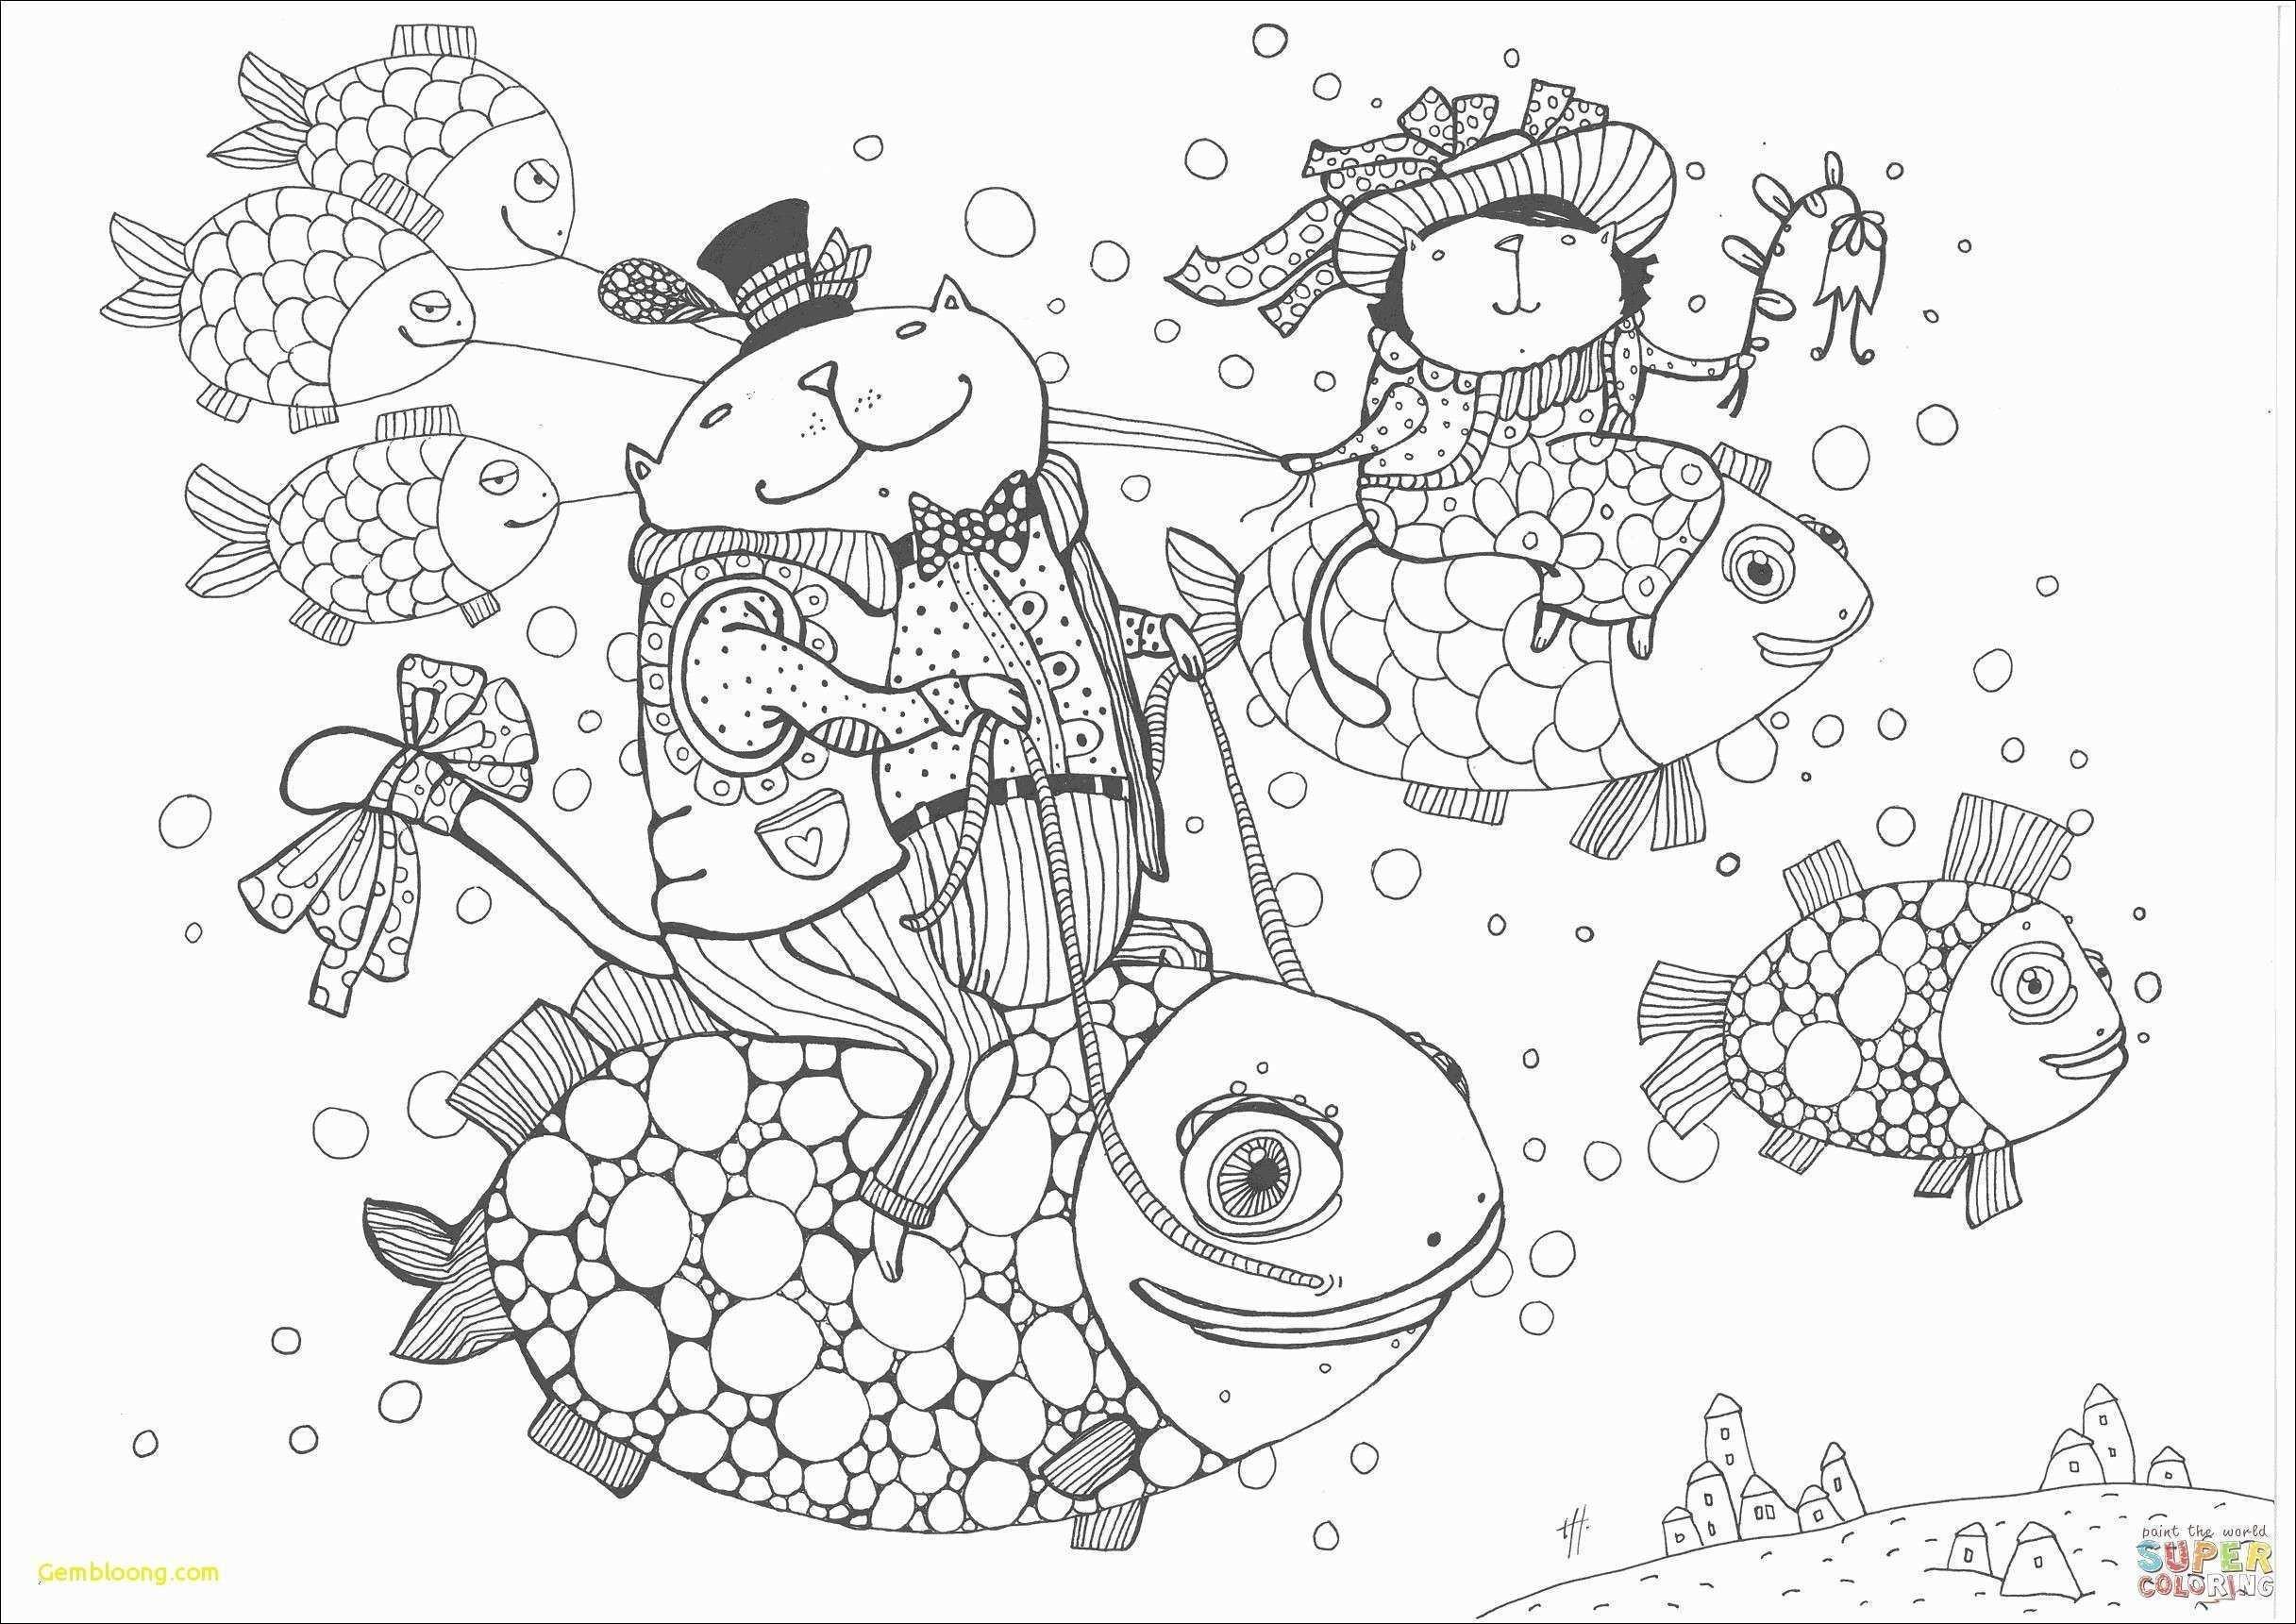 Einhorn Ausmalbilder Zum Ausdrucken Kostenlos Inspirierend Einhorn Mandalas Zum Ausdrucken Foto 37 Malvorlagen Feen Bild